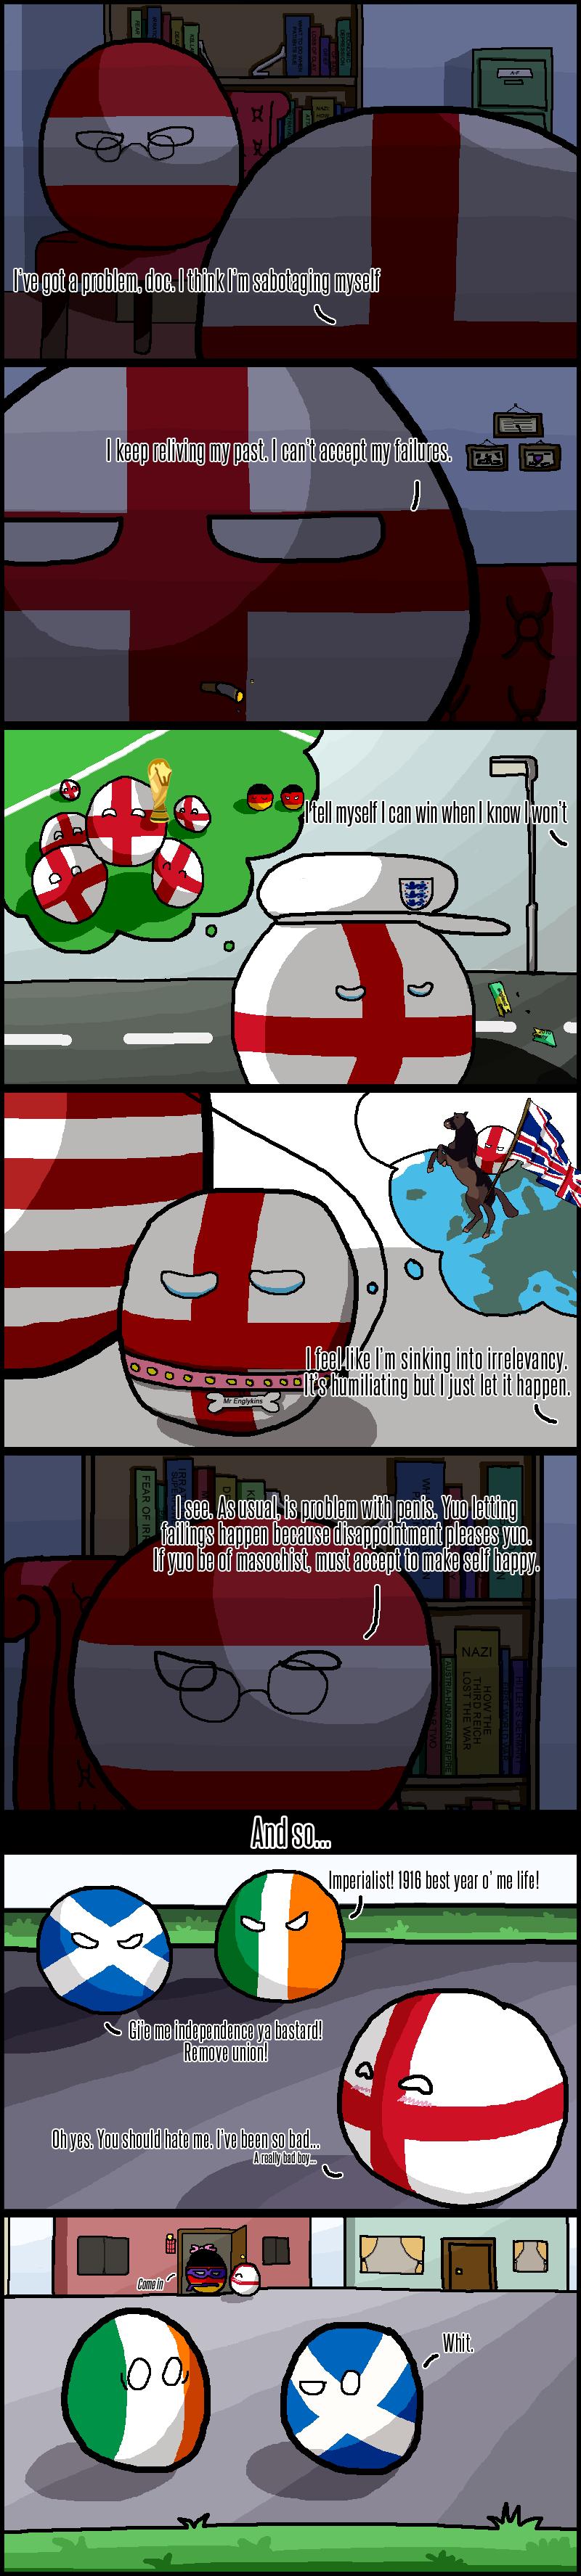 England's Problem